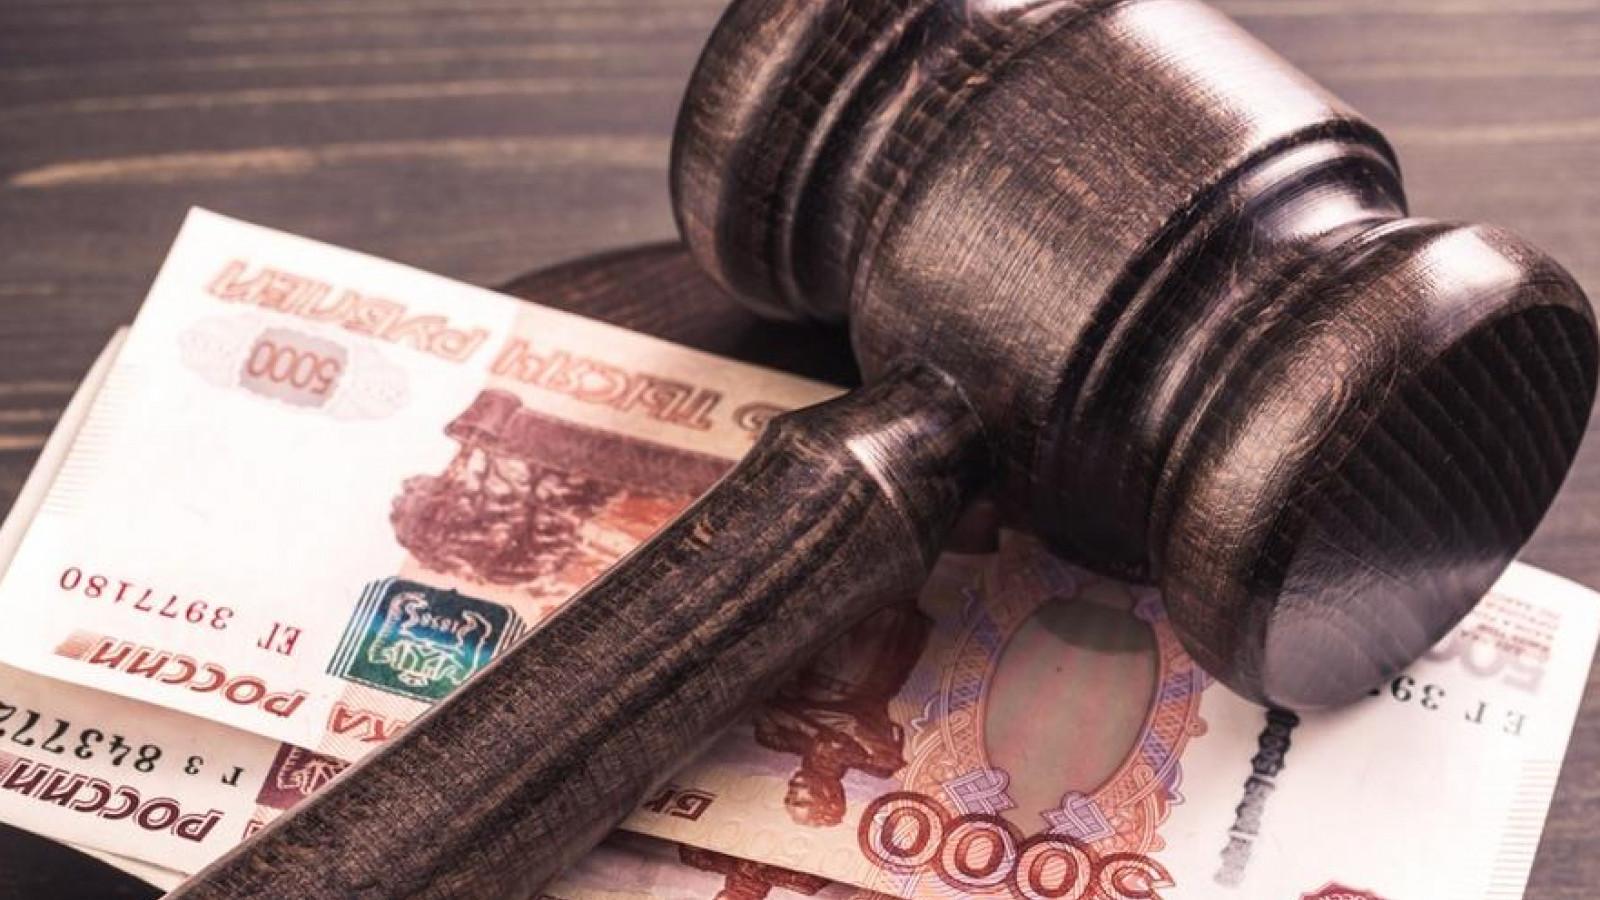 УФАС Подмосковья оштрафовало ООО «Комфортлифт» за участие в картельном сговоре